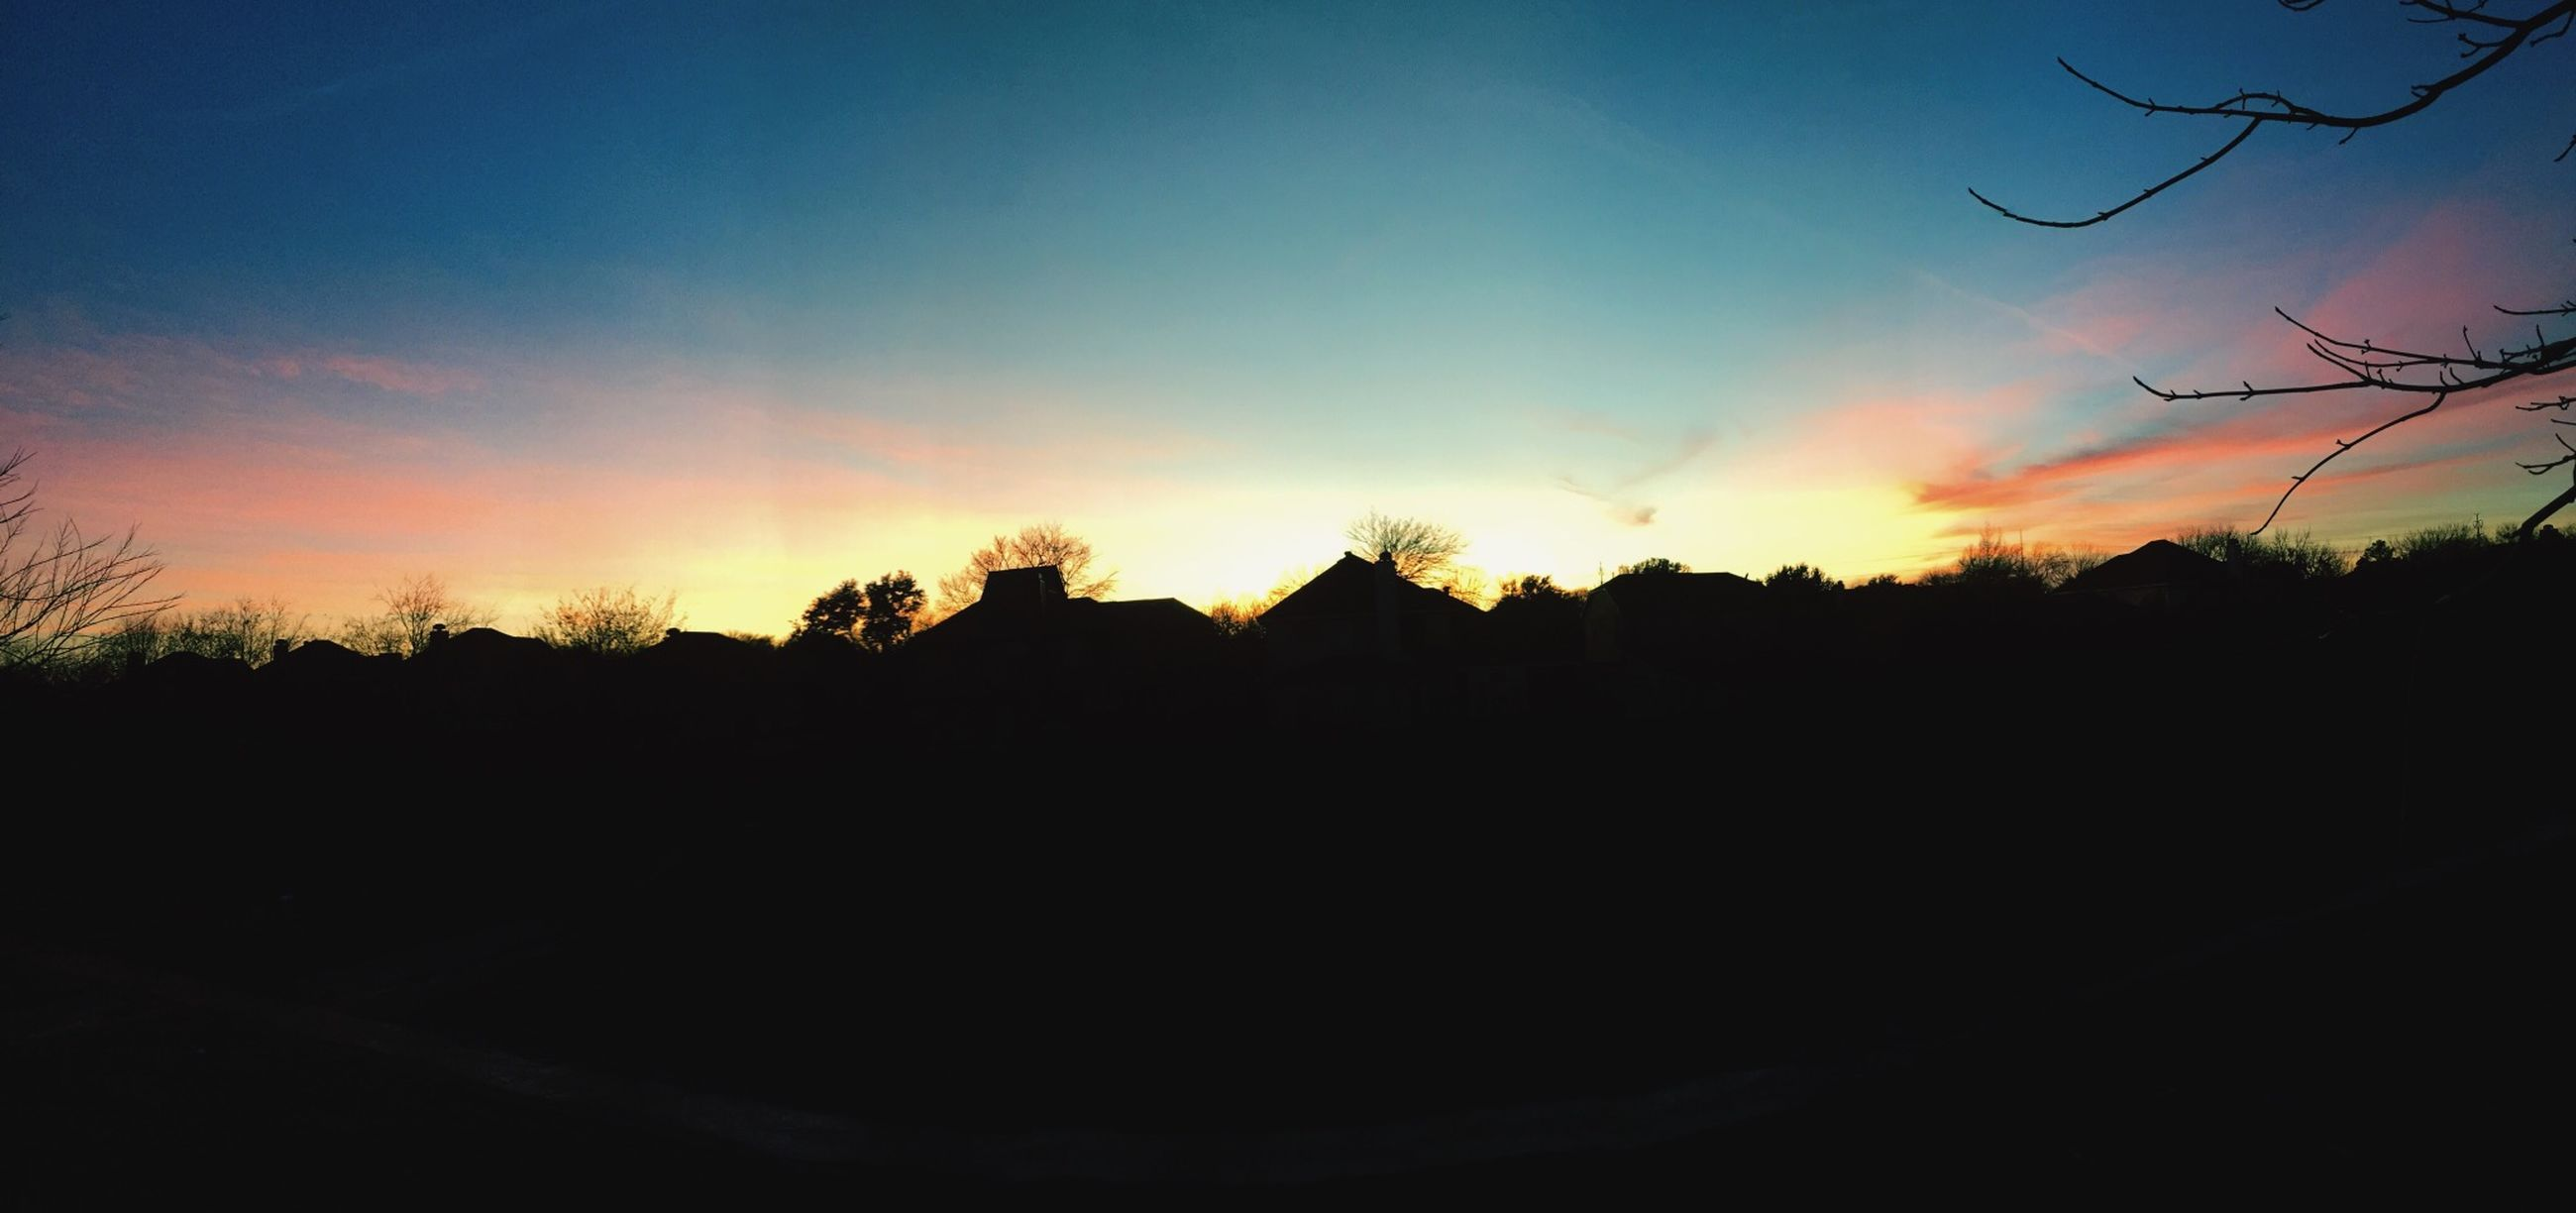 sunset, silhouette, scenics, tranquil scene, sky, beauty in nature, tranquility, nature, orange color, tree, idyllic, landscape, sun, dark, copy space, blue, cloud - sky, cloud, outline, sunlight